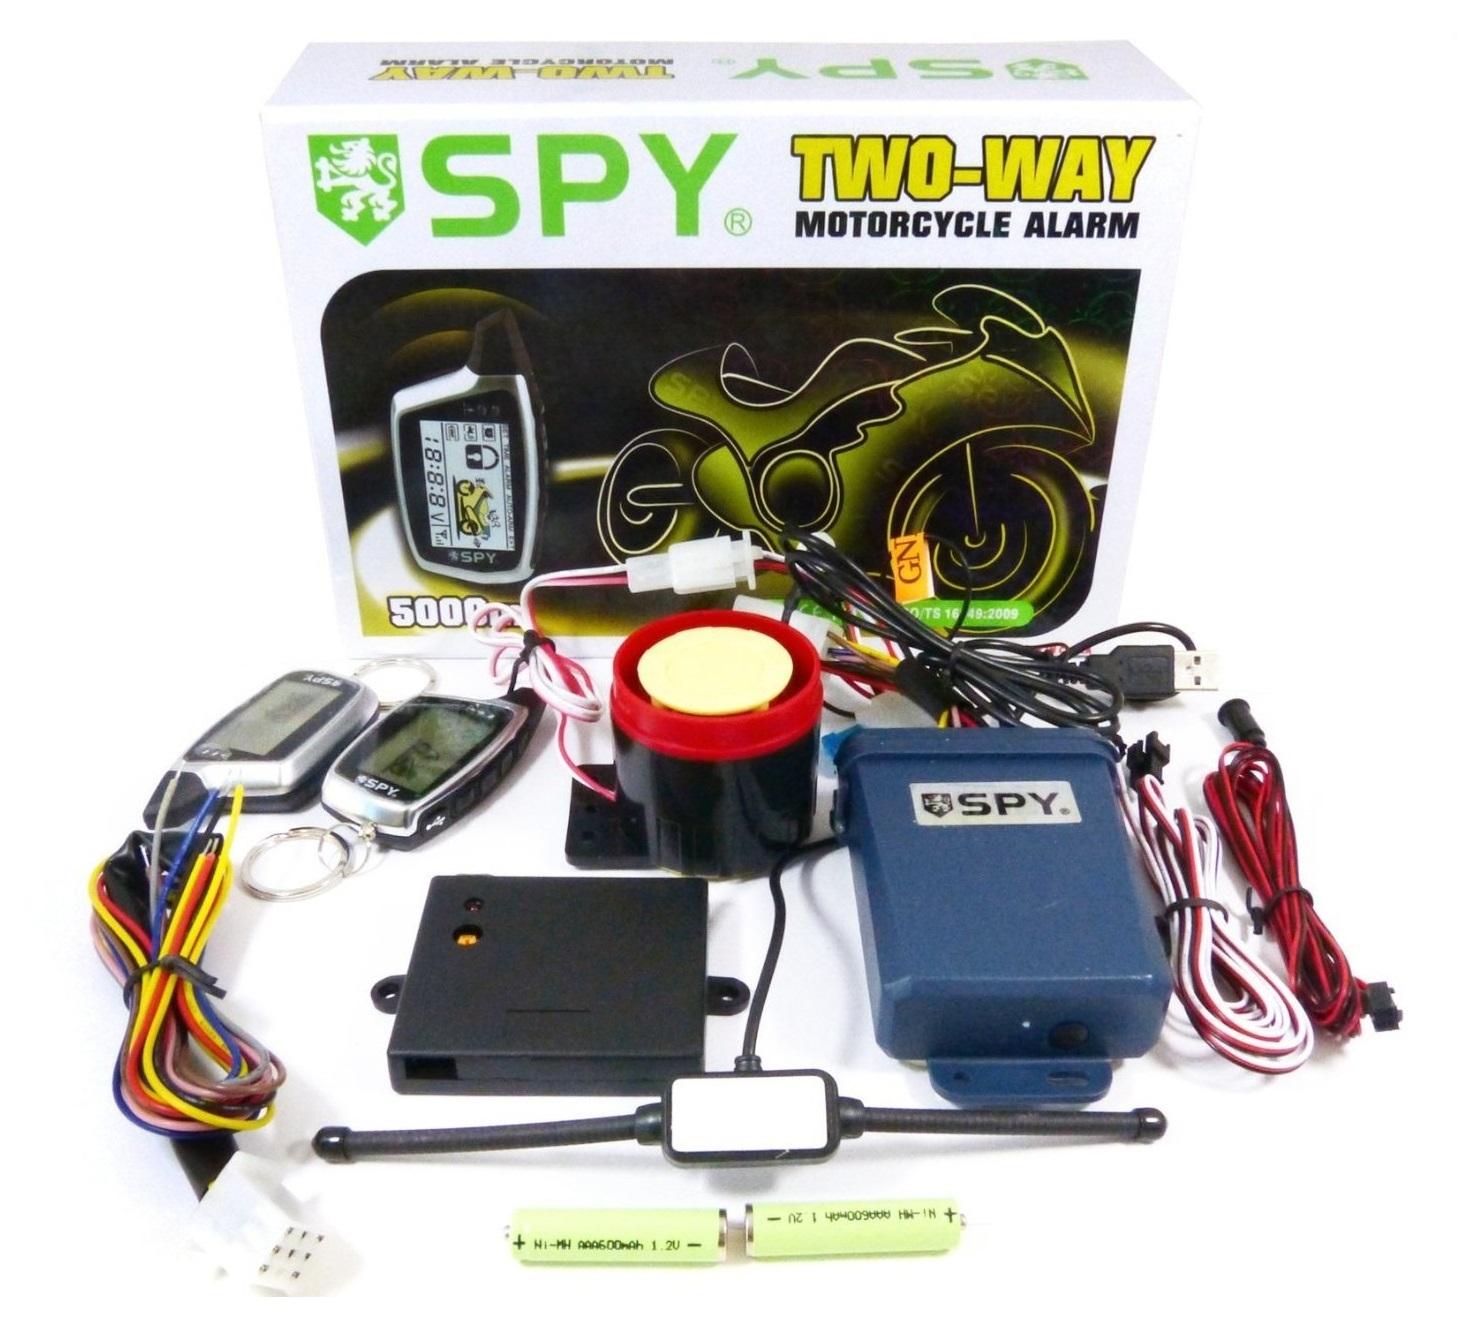 Spy5000m Motosiklet Alarmı İncelemesi ve Takip sistemi ile karşılaştırılması